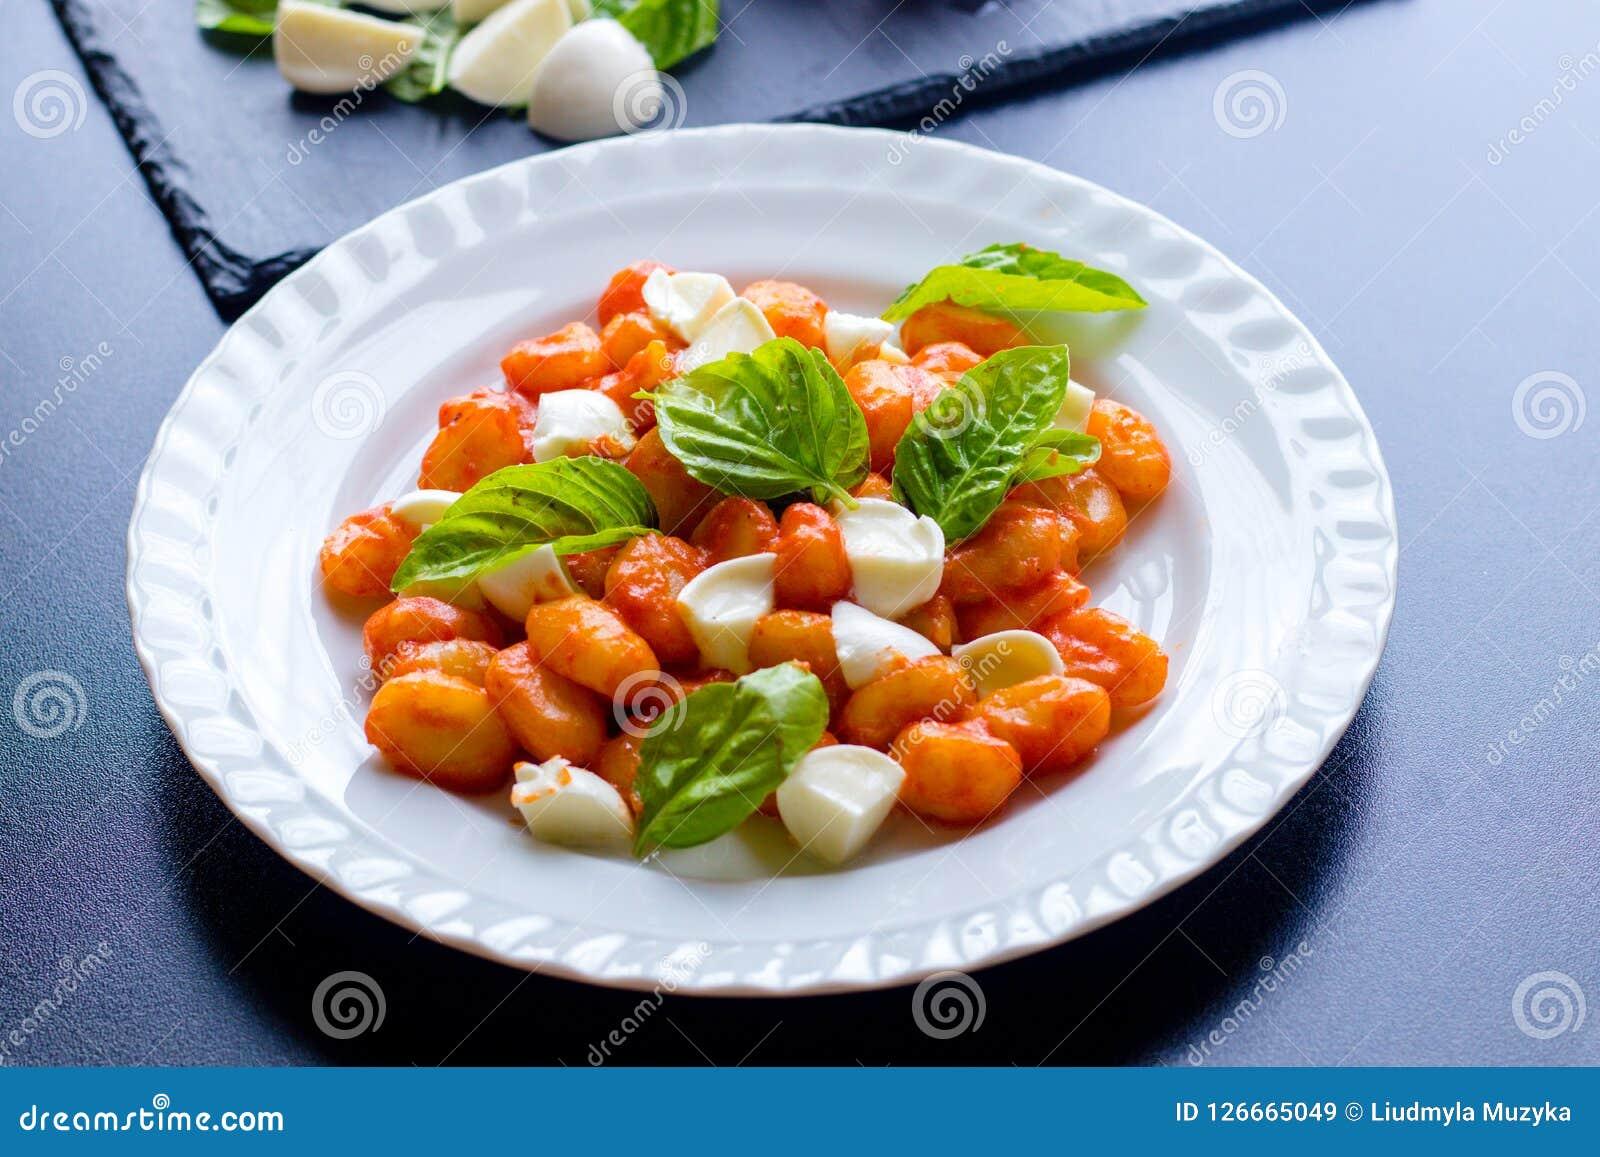 Το alla Sorrentina Gnocchi στη σάλτσα ντοματών με τις πράσινες φρέσκες σφαίρες βασιλικού και μοτσαρελών εξυπηρέτησε σε ένα πιάτο